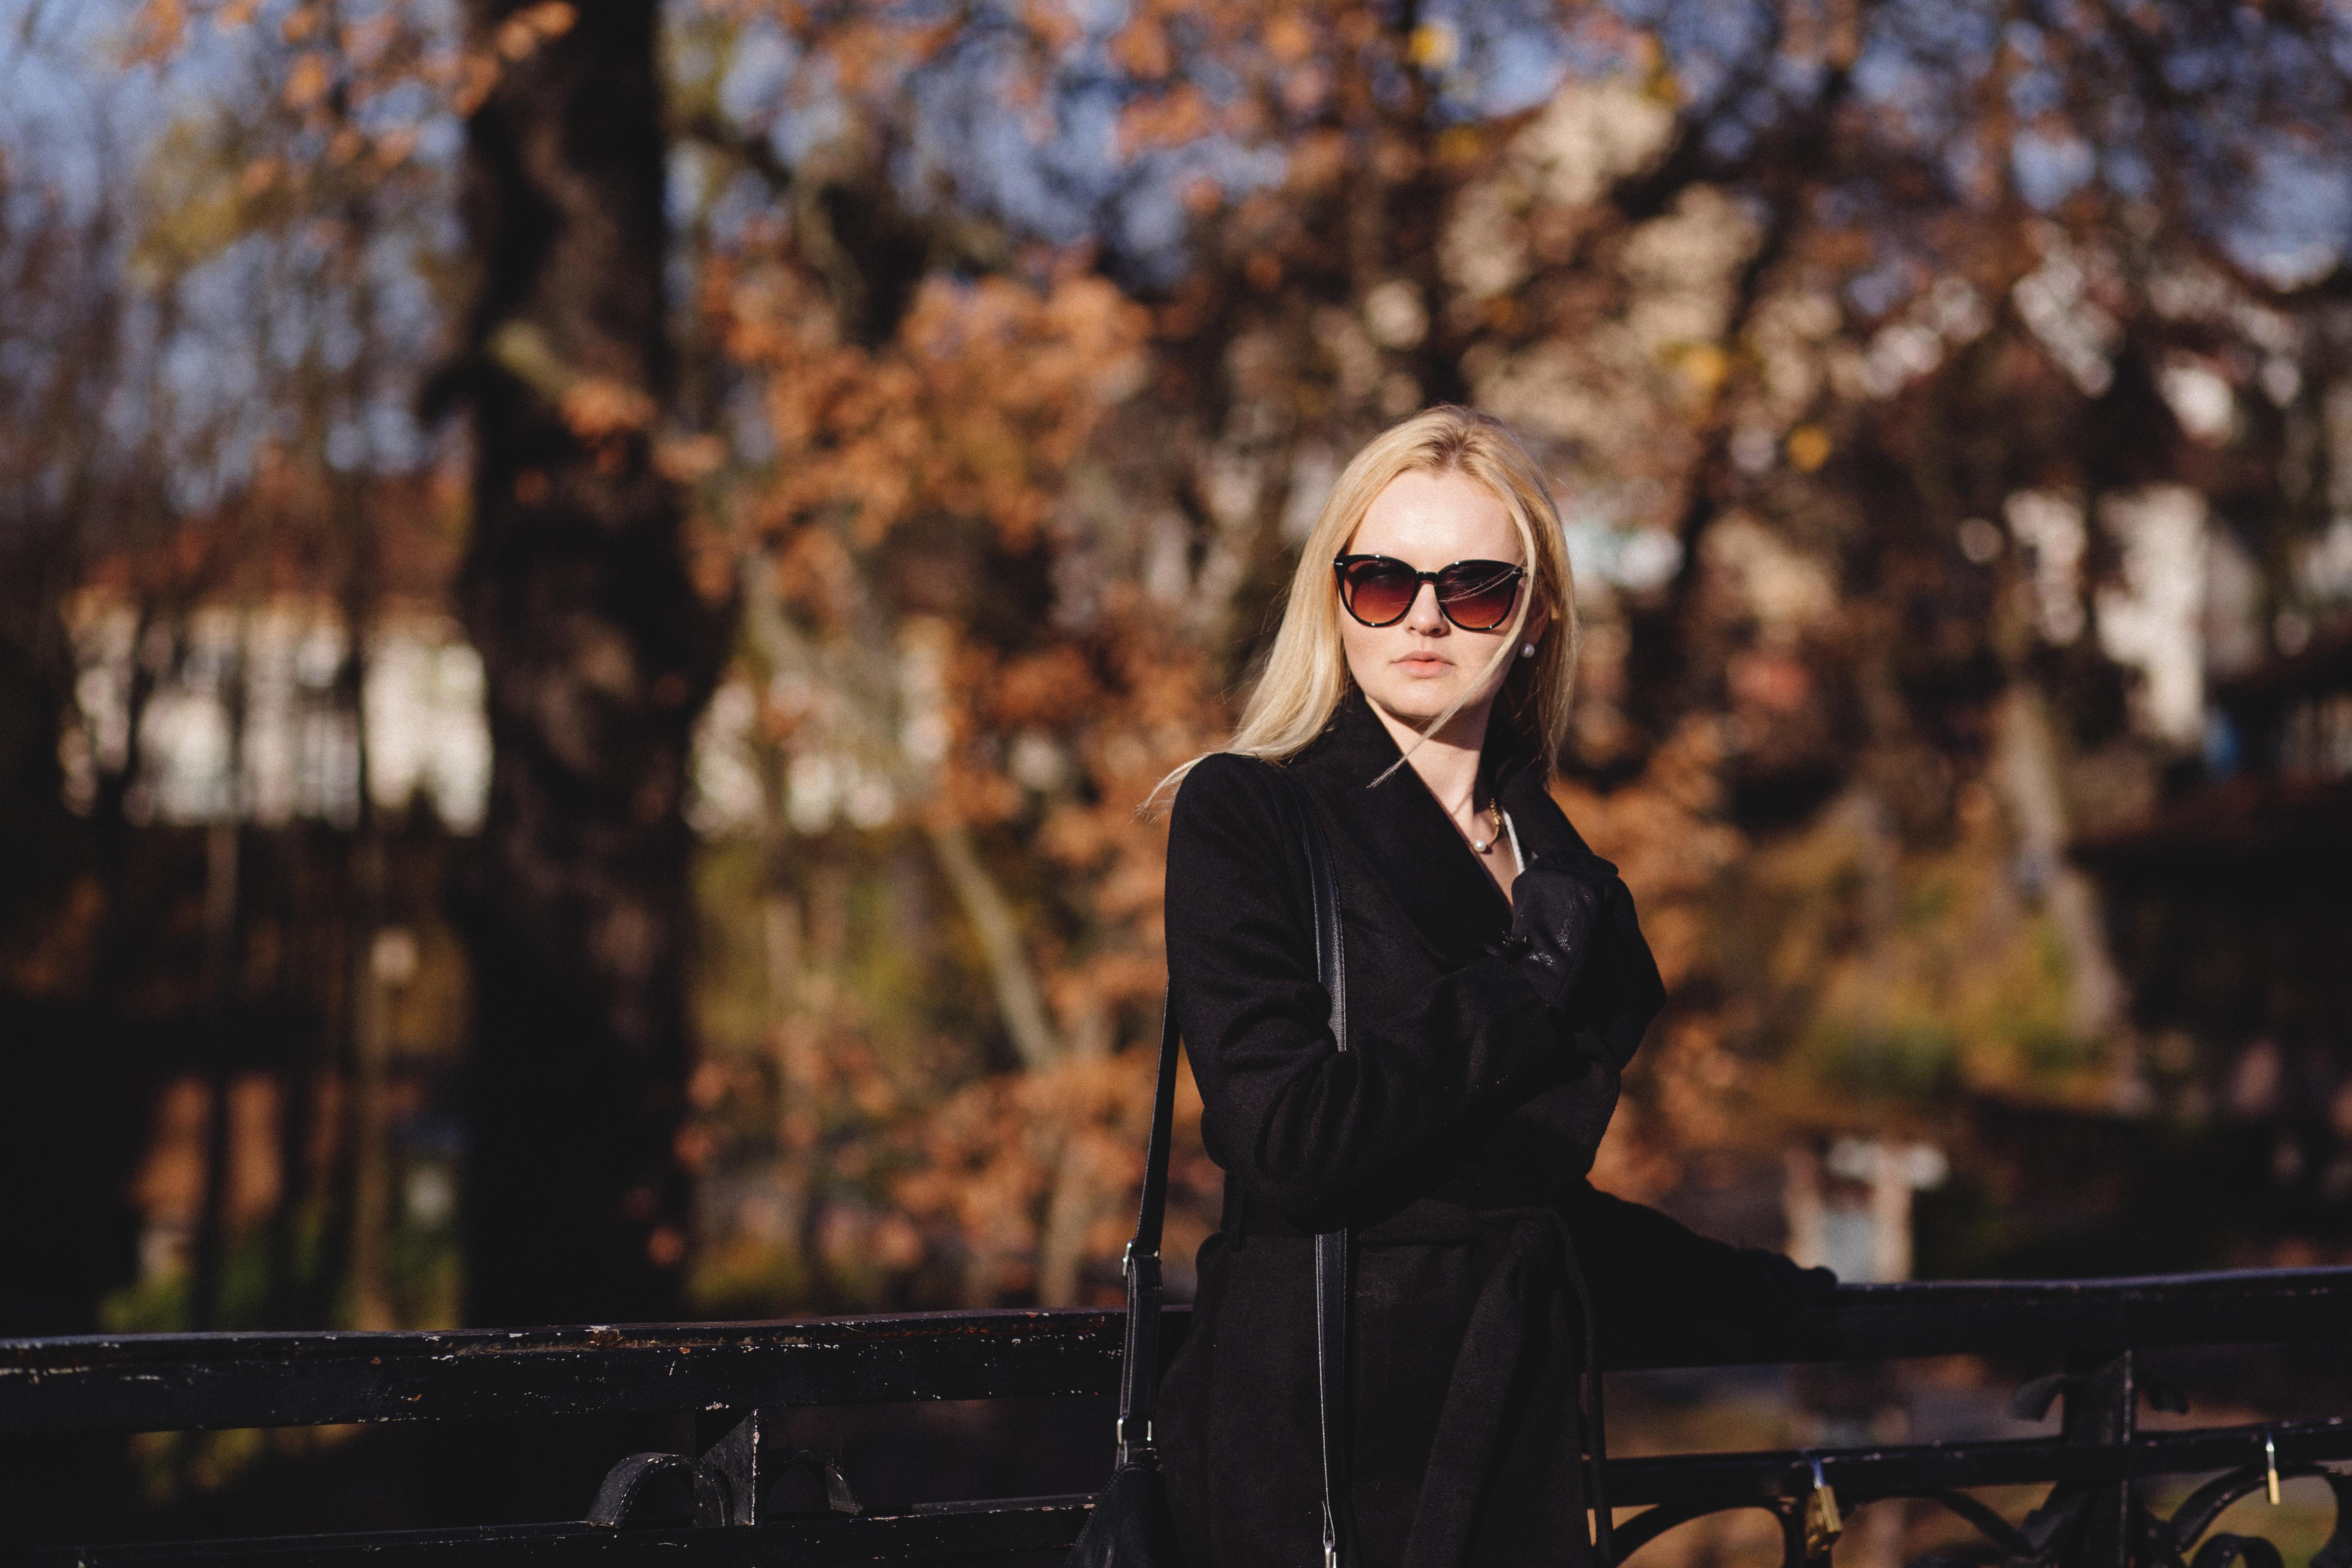 woman sunglasses park